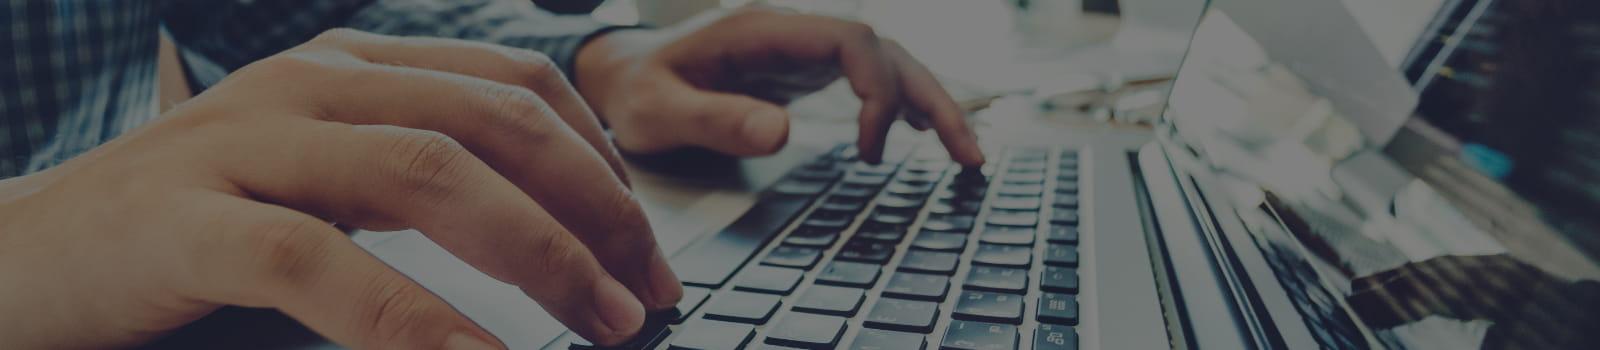 Dúvidas sobre software de Medicina e Segurança do Trabalho: funcionário utilizando o sistema no notebook.